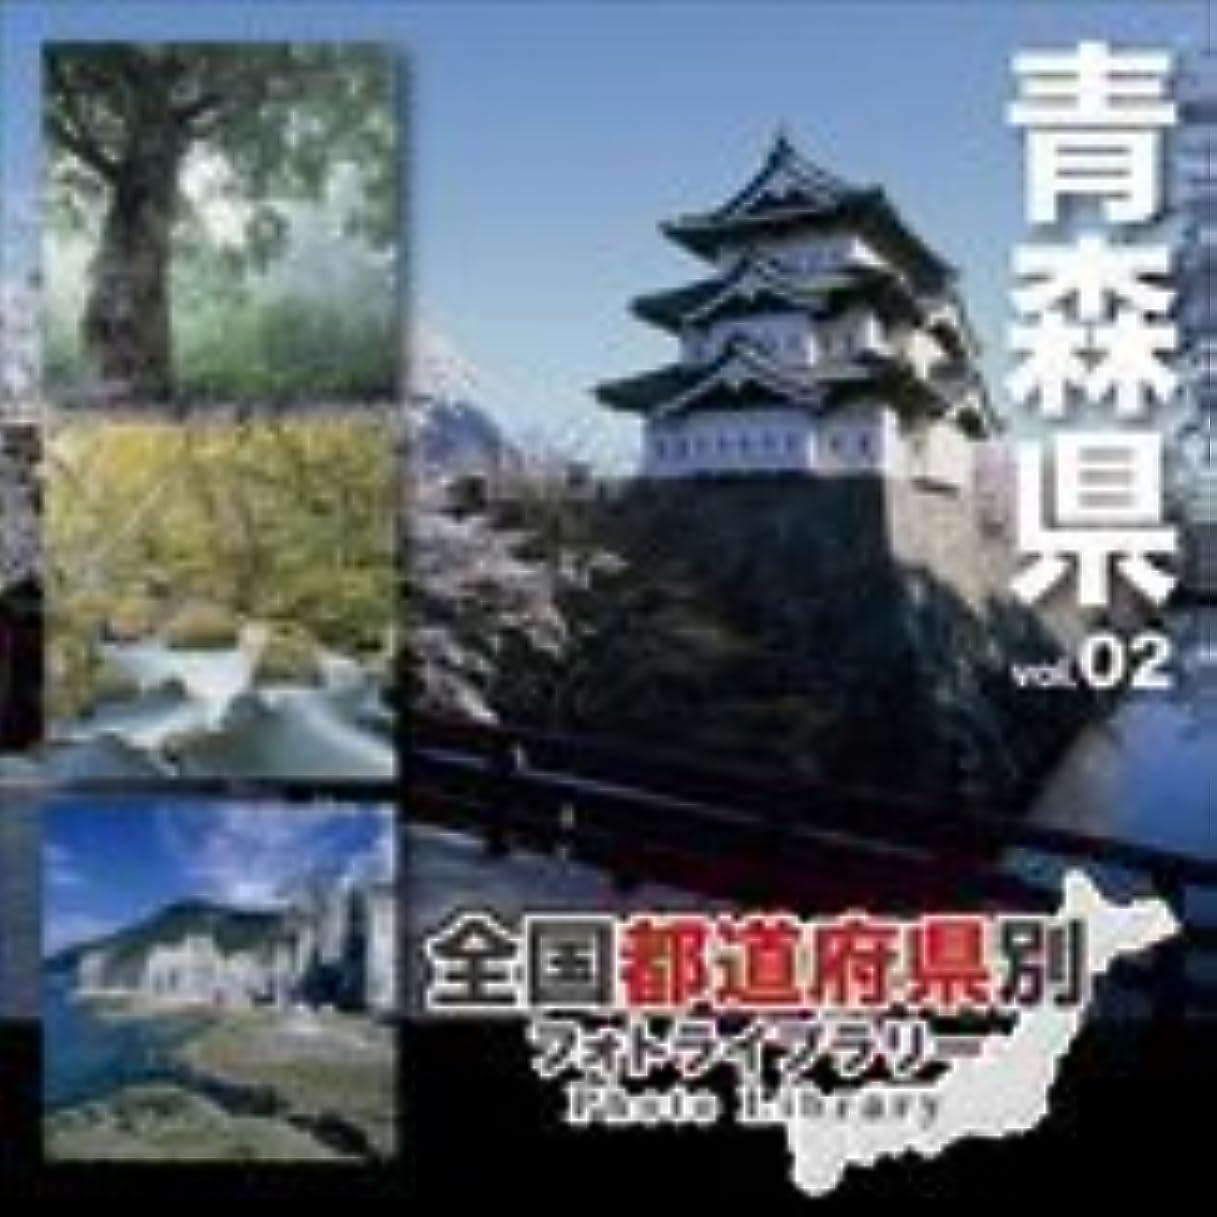 スクラッチ完了南全国都道府県別フォトライブラリー Vol.02 青森県